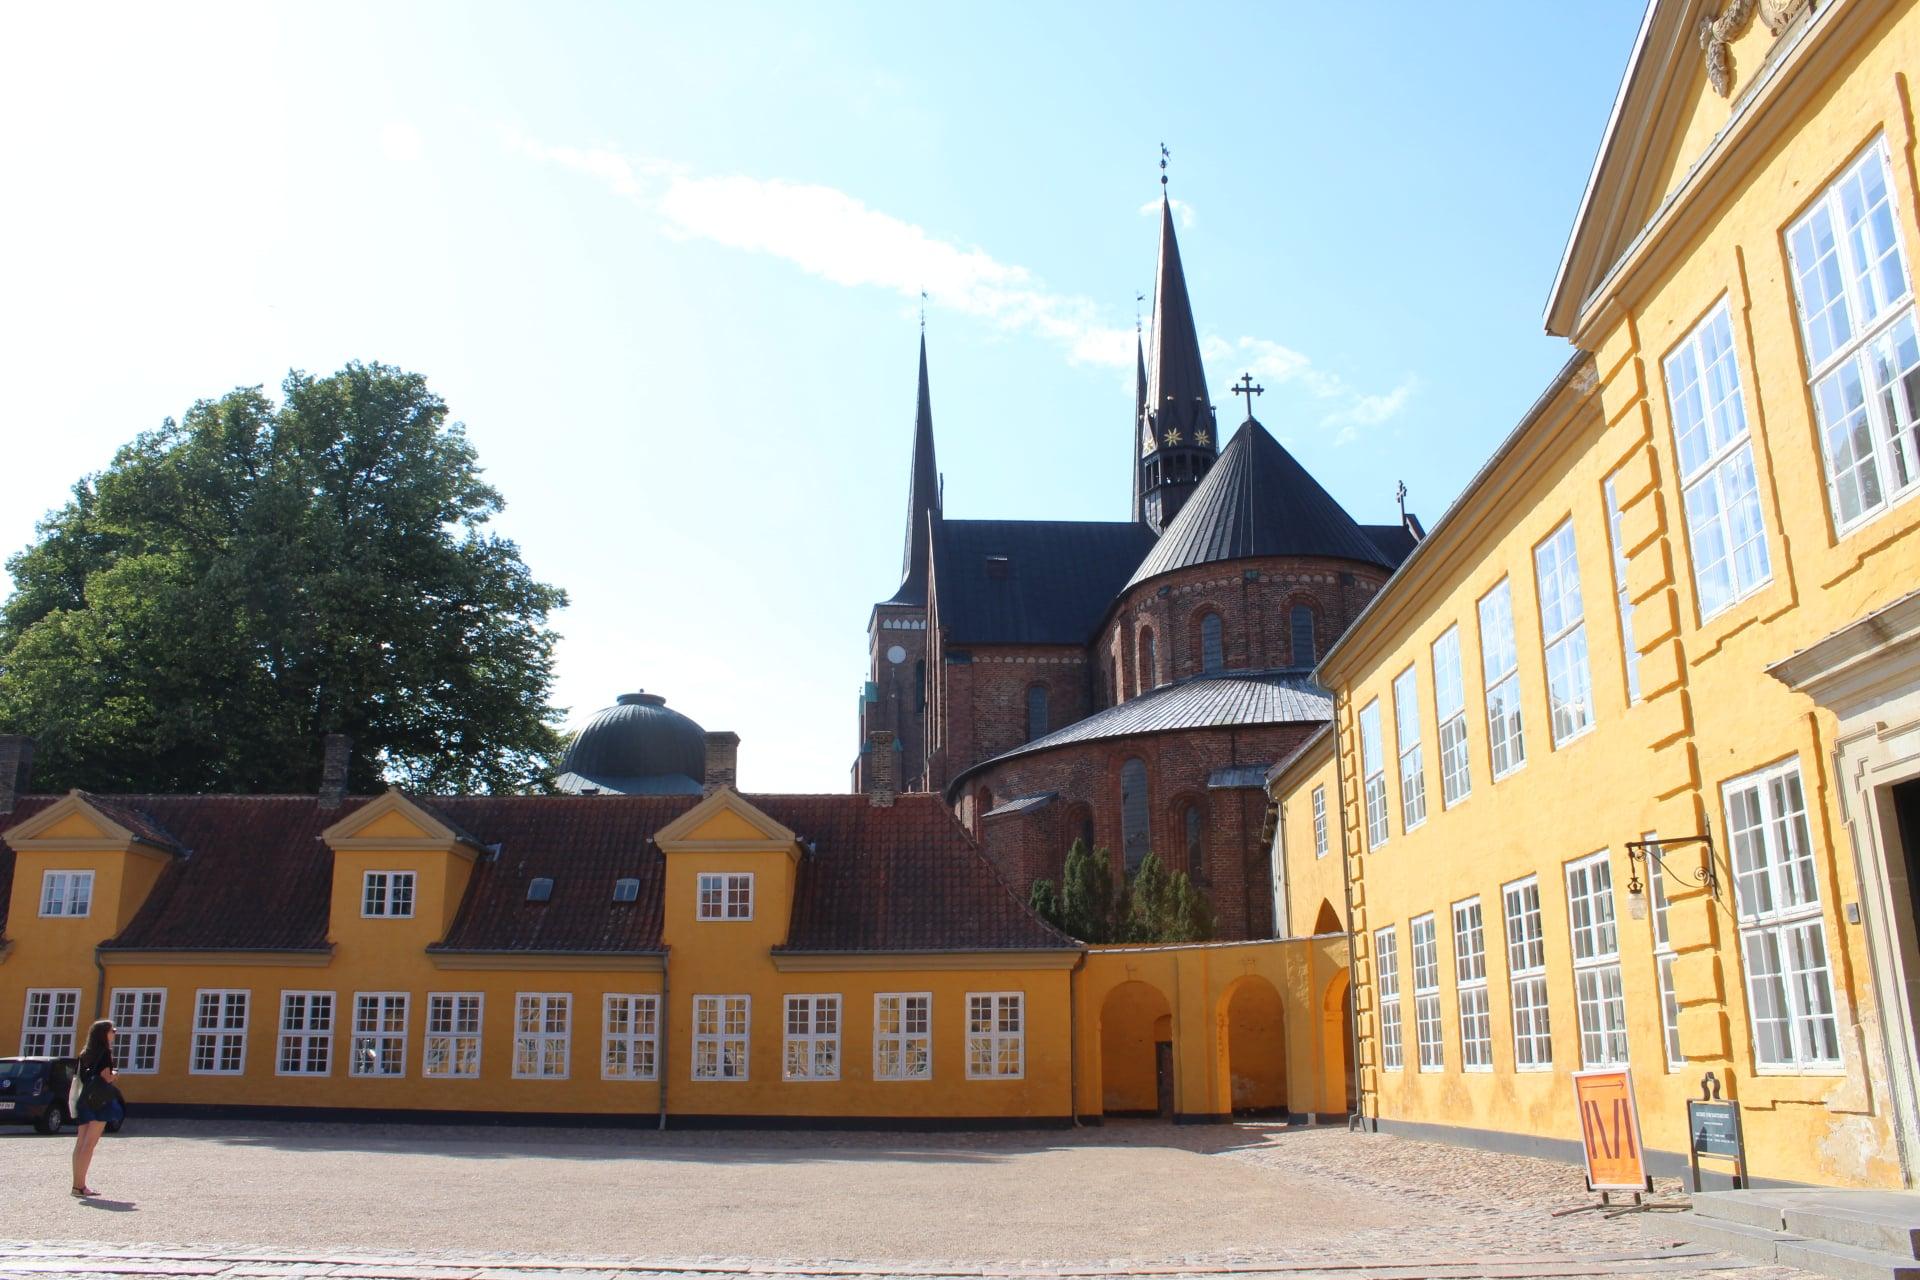 Qué ver en los alrededores de Copenhague